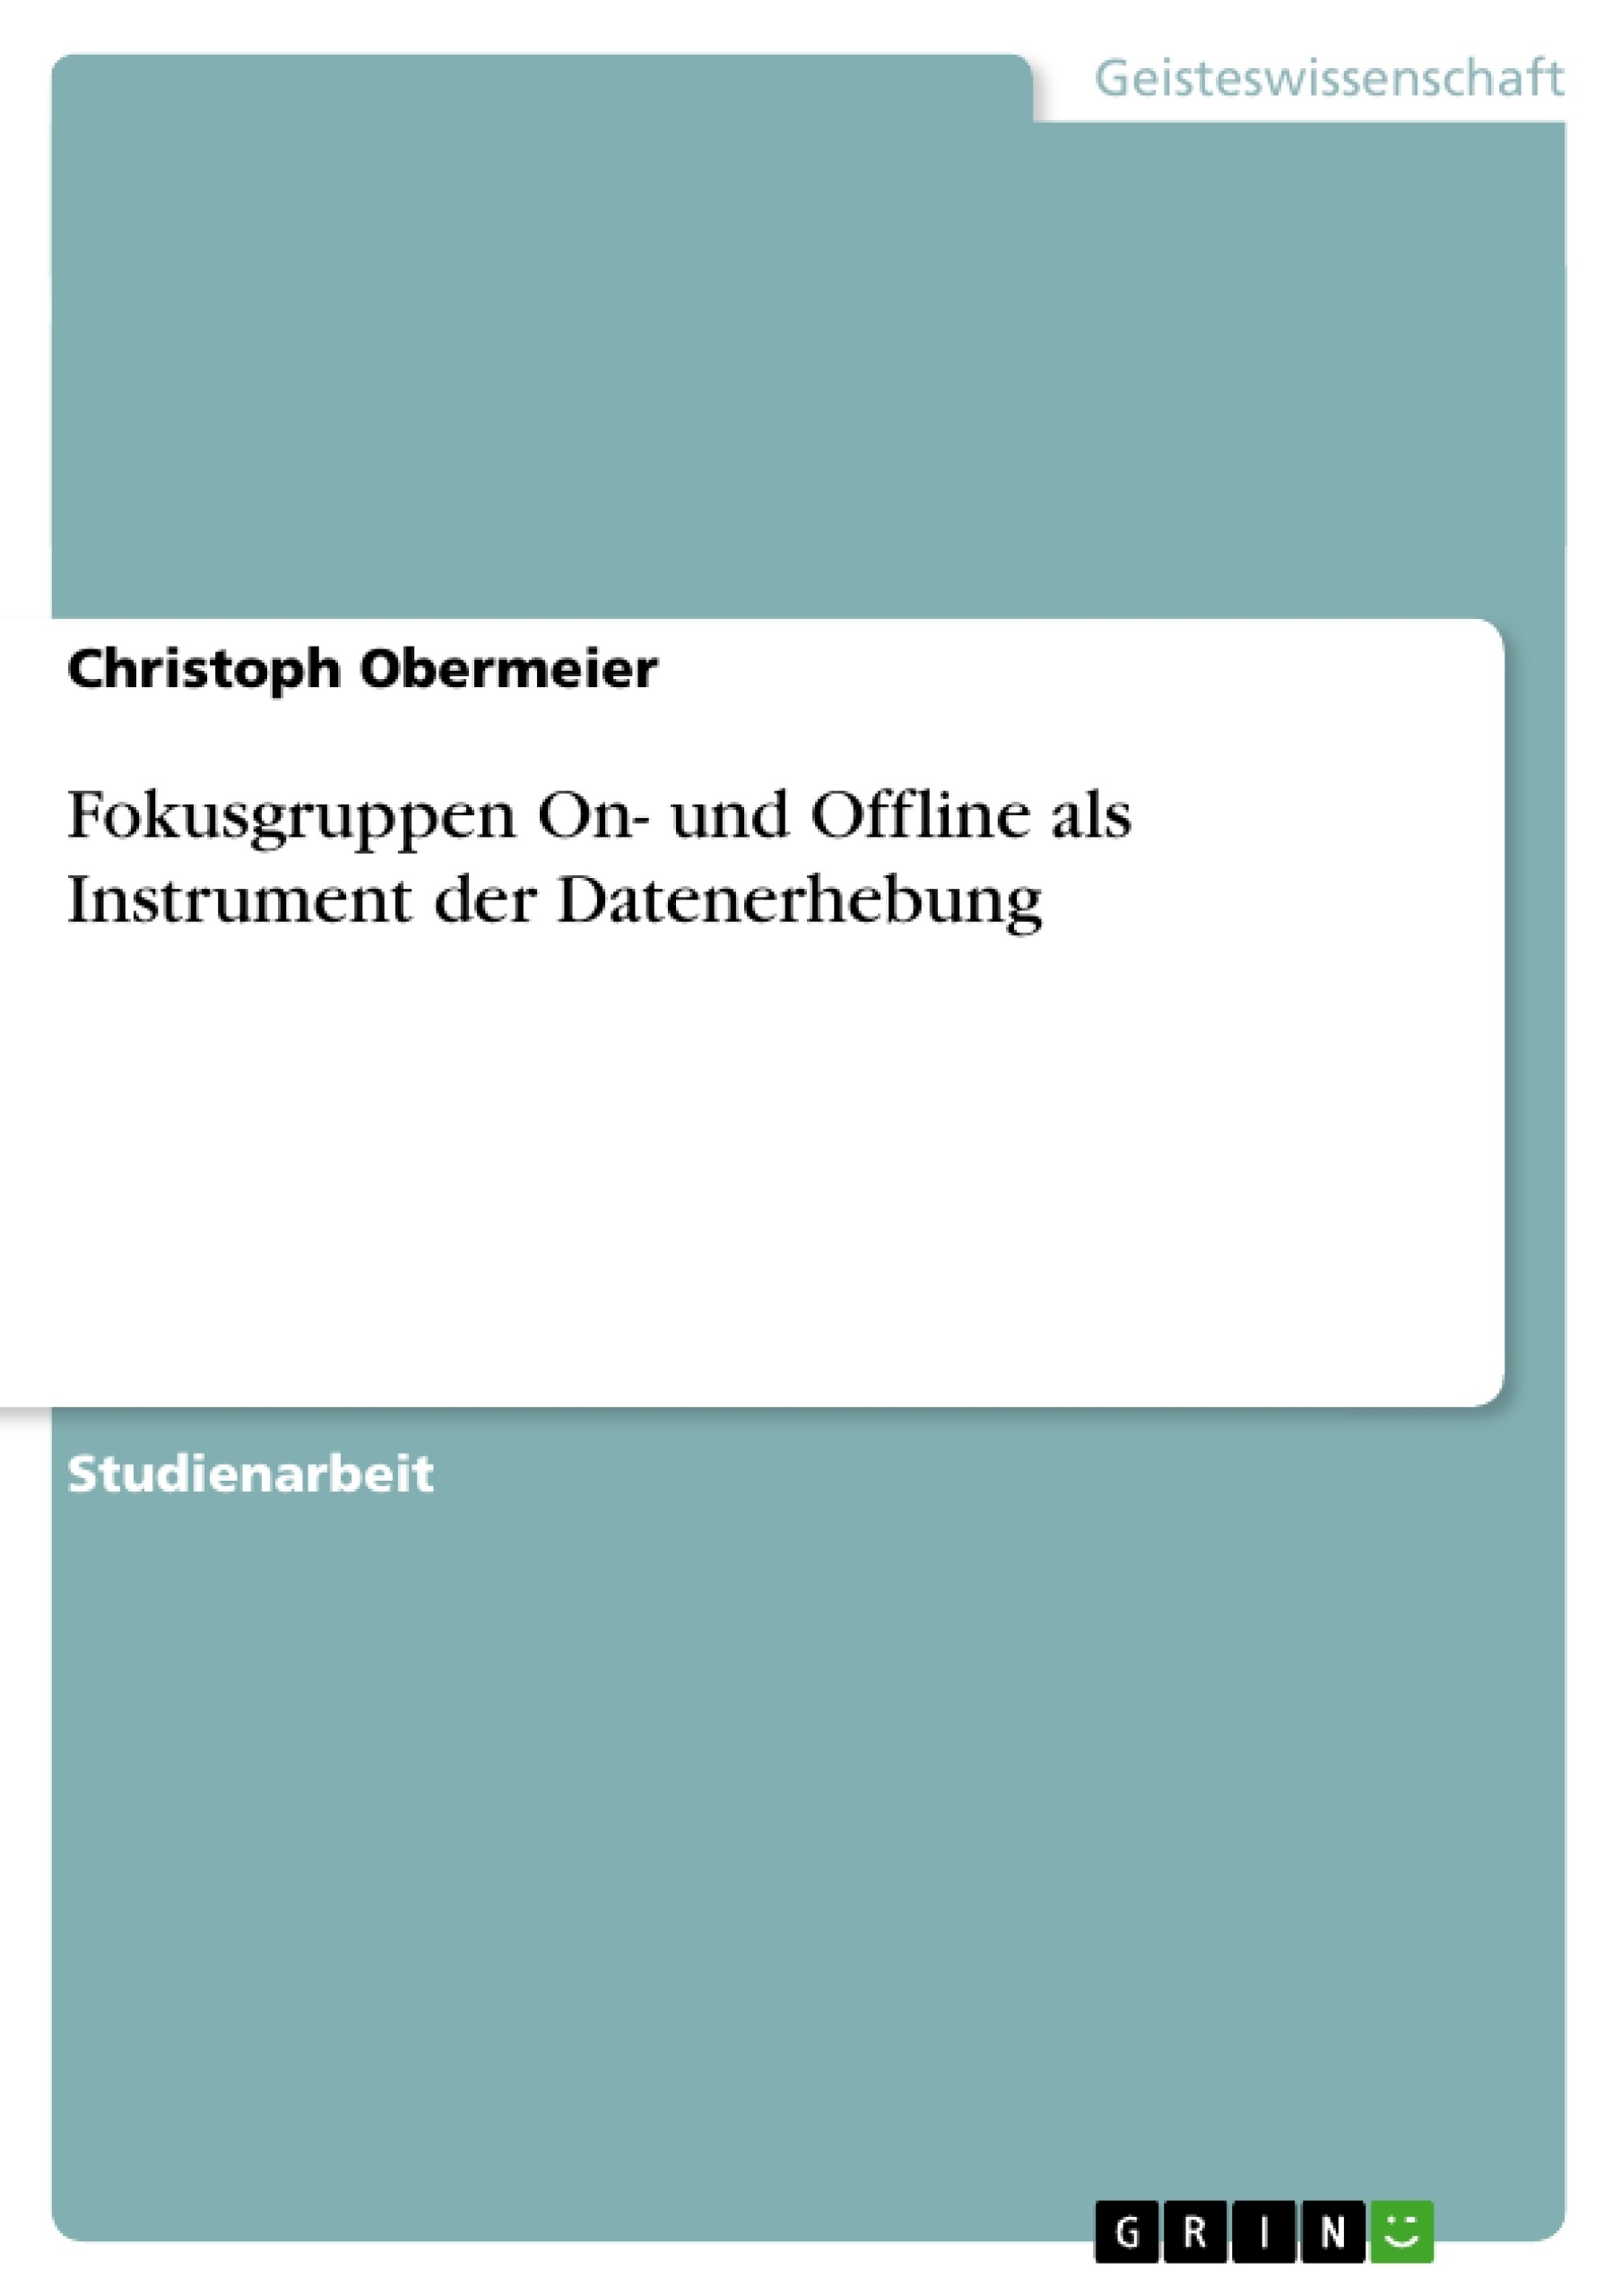 Titel: Fokusgruppen On- und Offline als Instrument der Datenerhebung